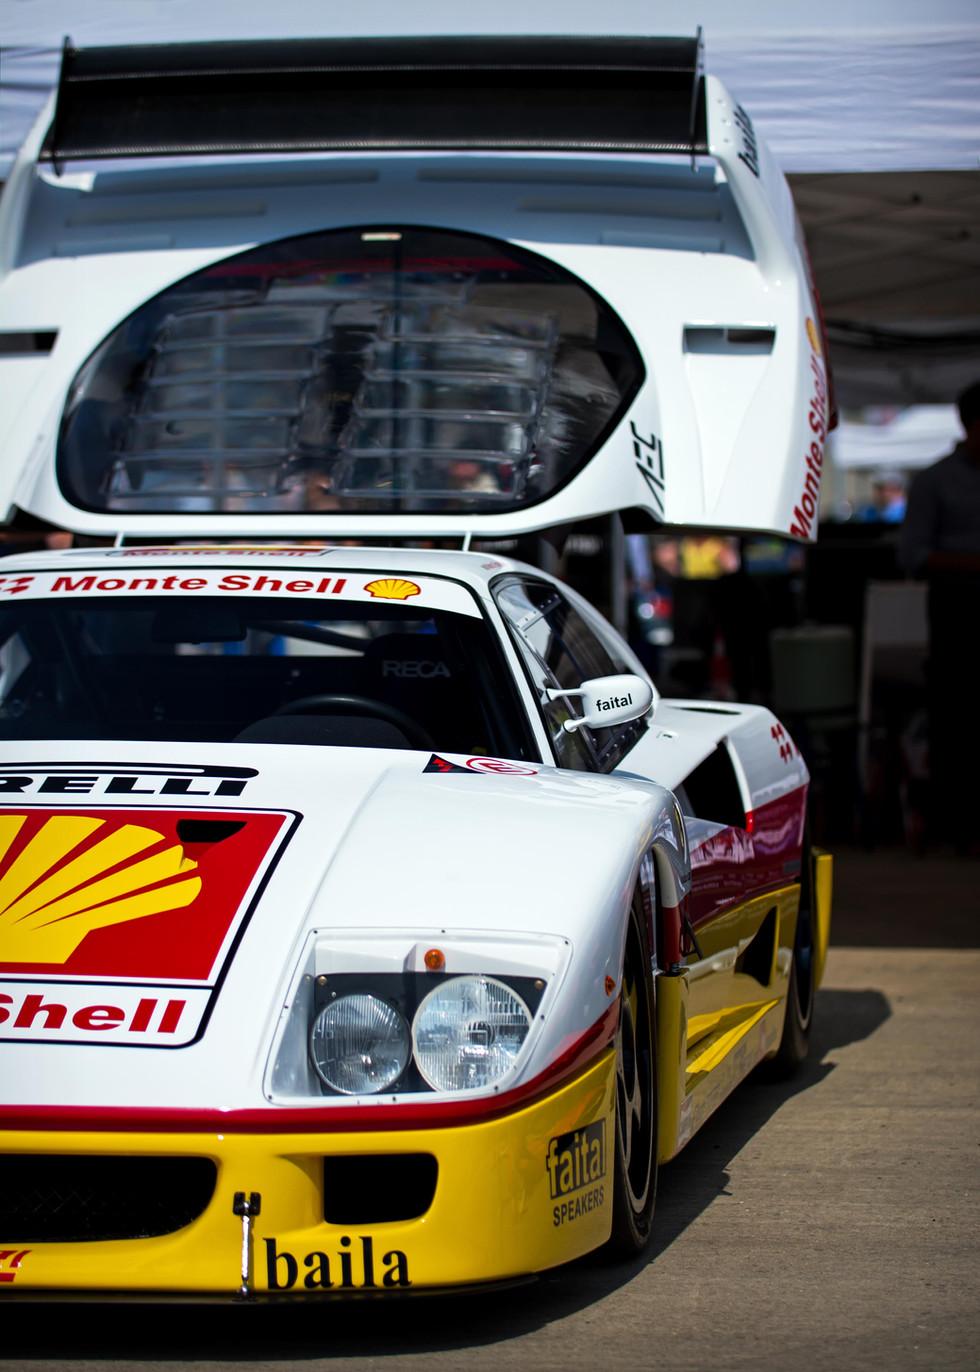 1995 Ferrari F40 GT LM